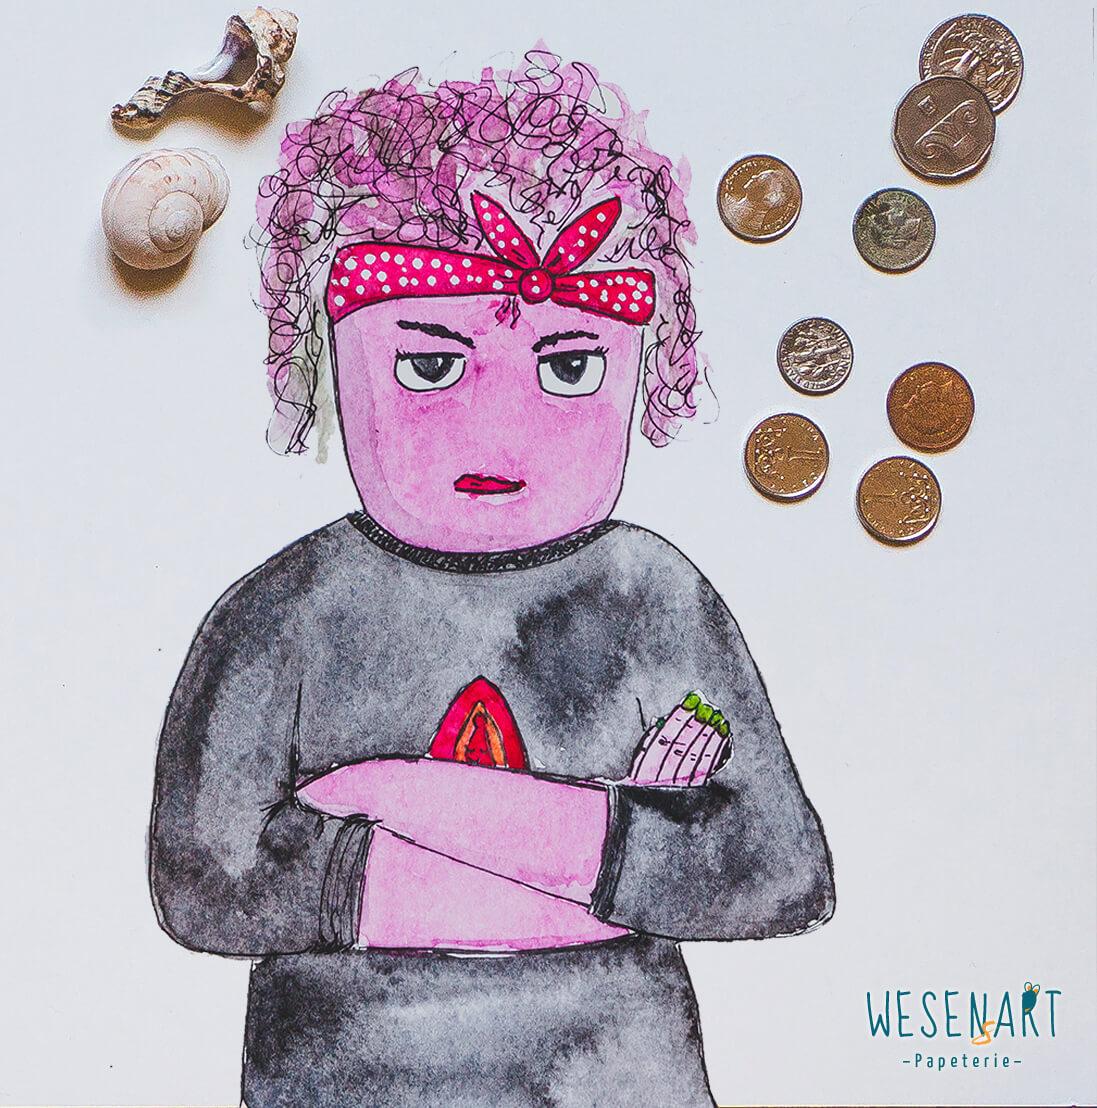 Feminismus – es gibt noch viel zu tun! Das stimmt Yannie manchmal wütend.